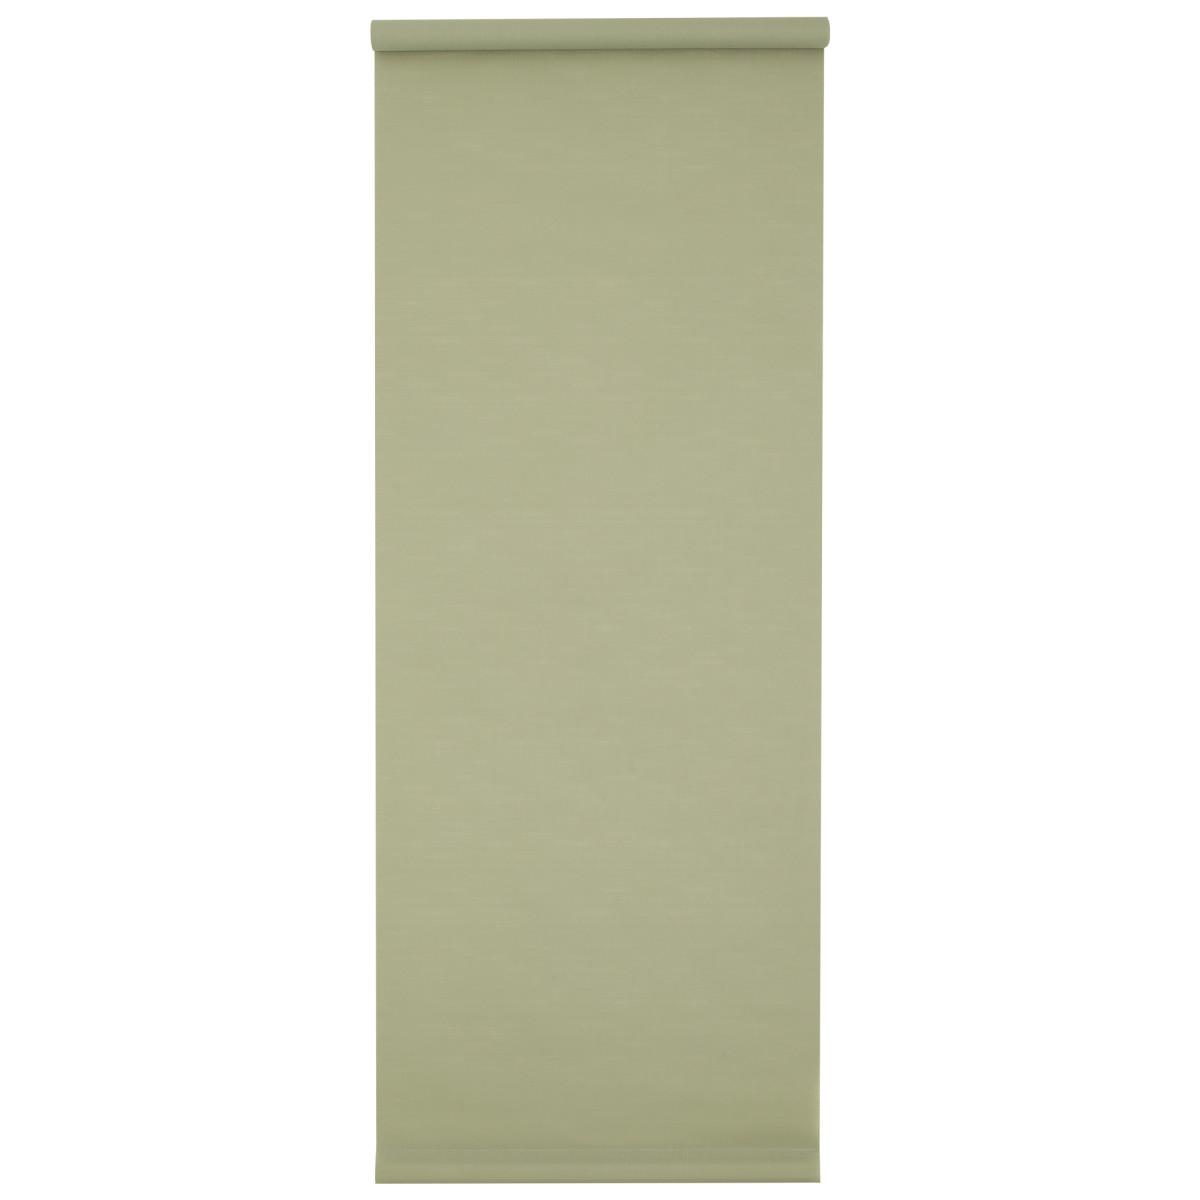 Мини-штора рулонная Shantung 50х150 см цвет оливковый